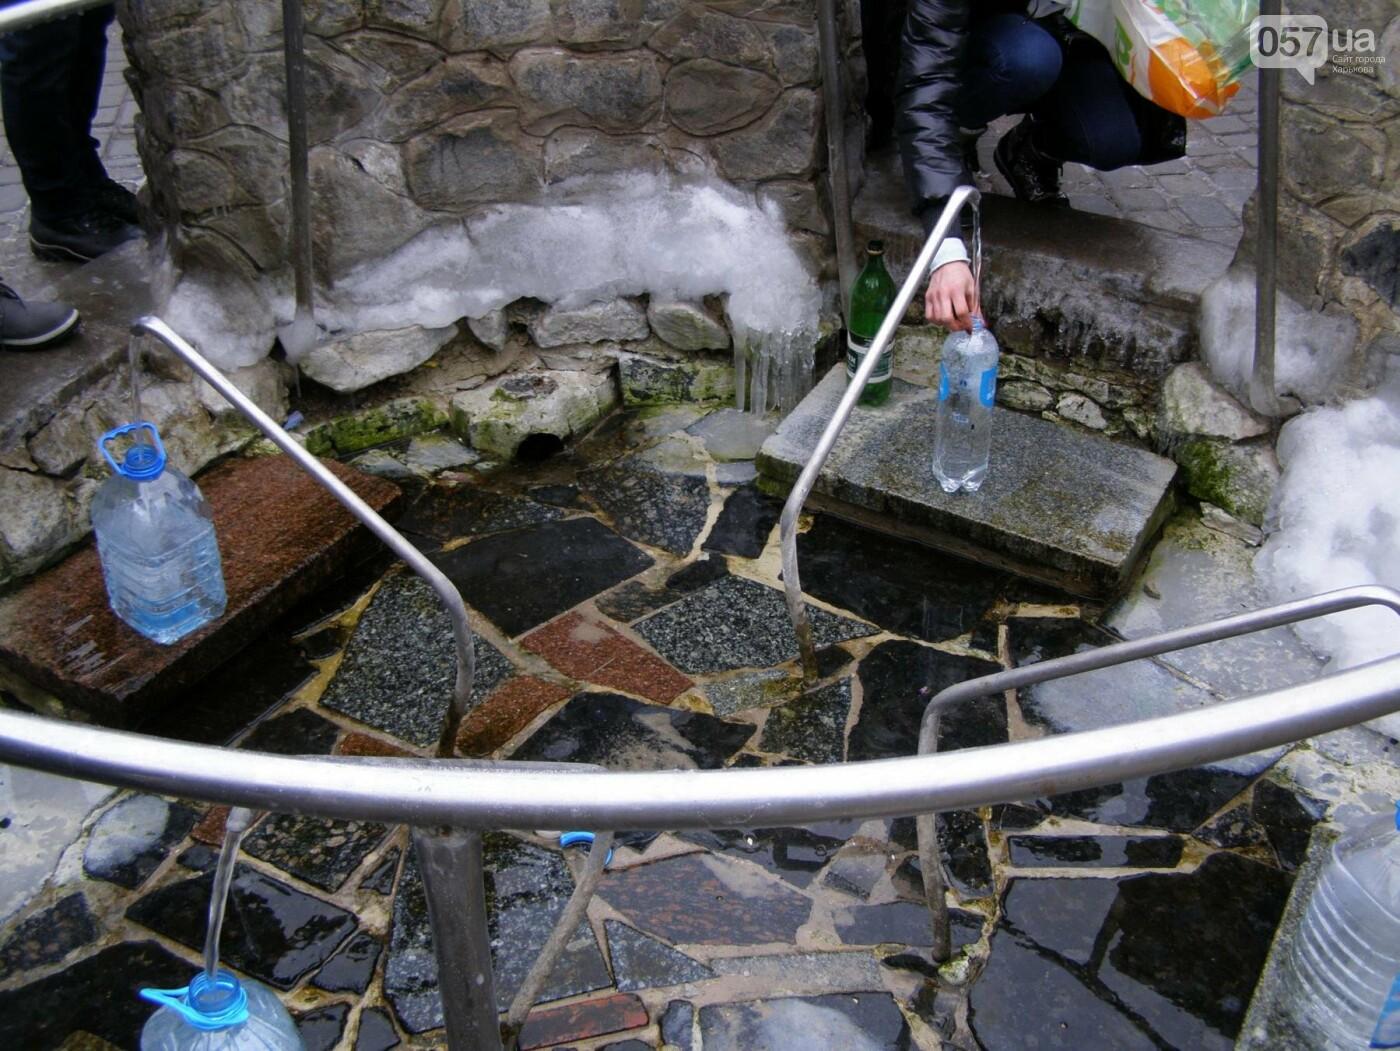 Массовые купания в источнике: как харьковчане отметили Крещение (ФОТО), фото-7